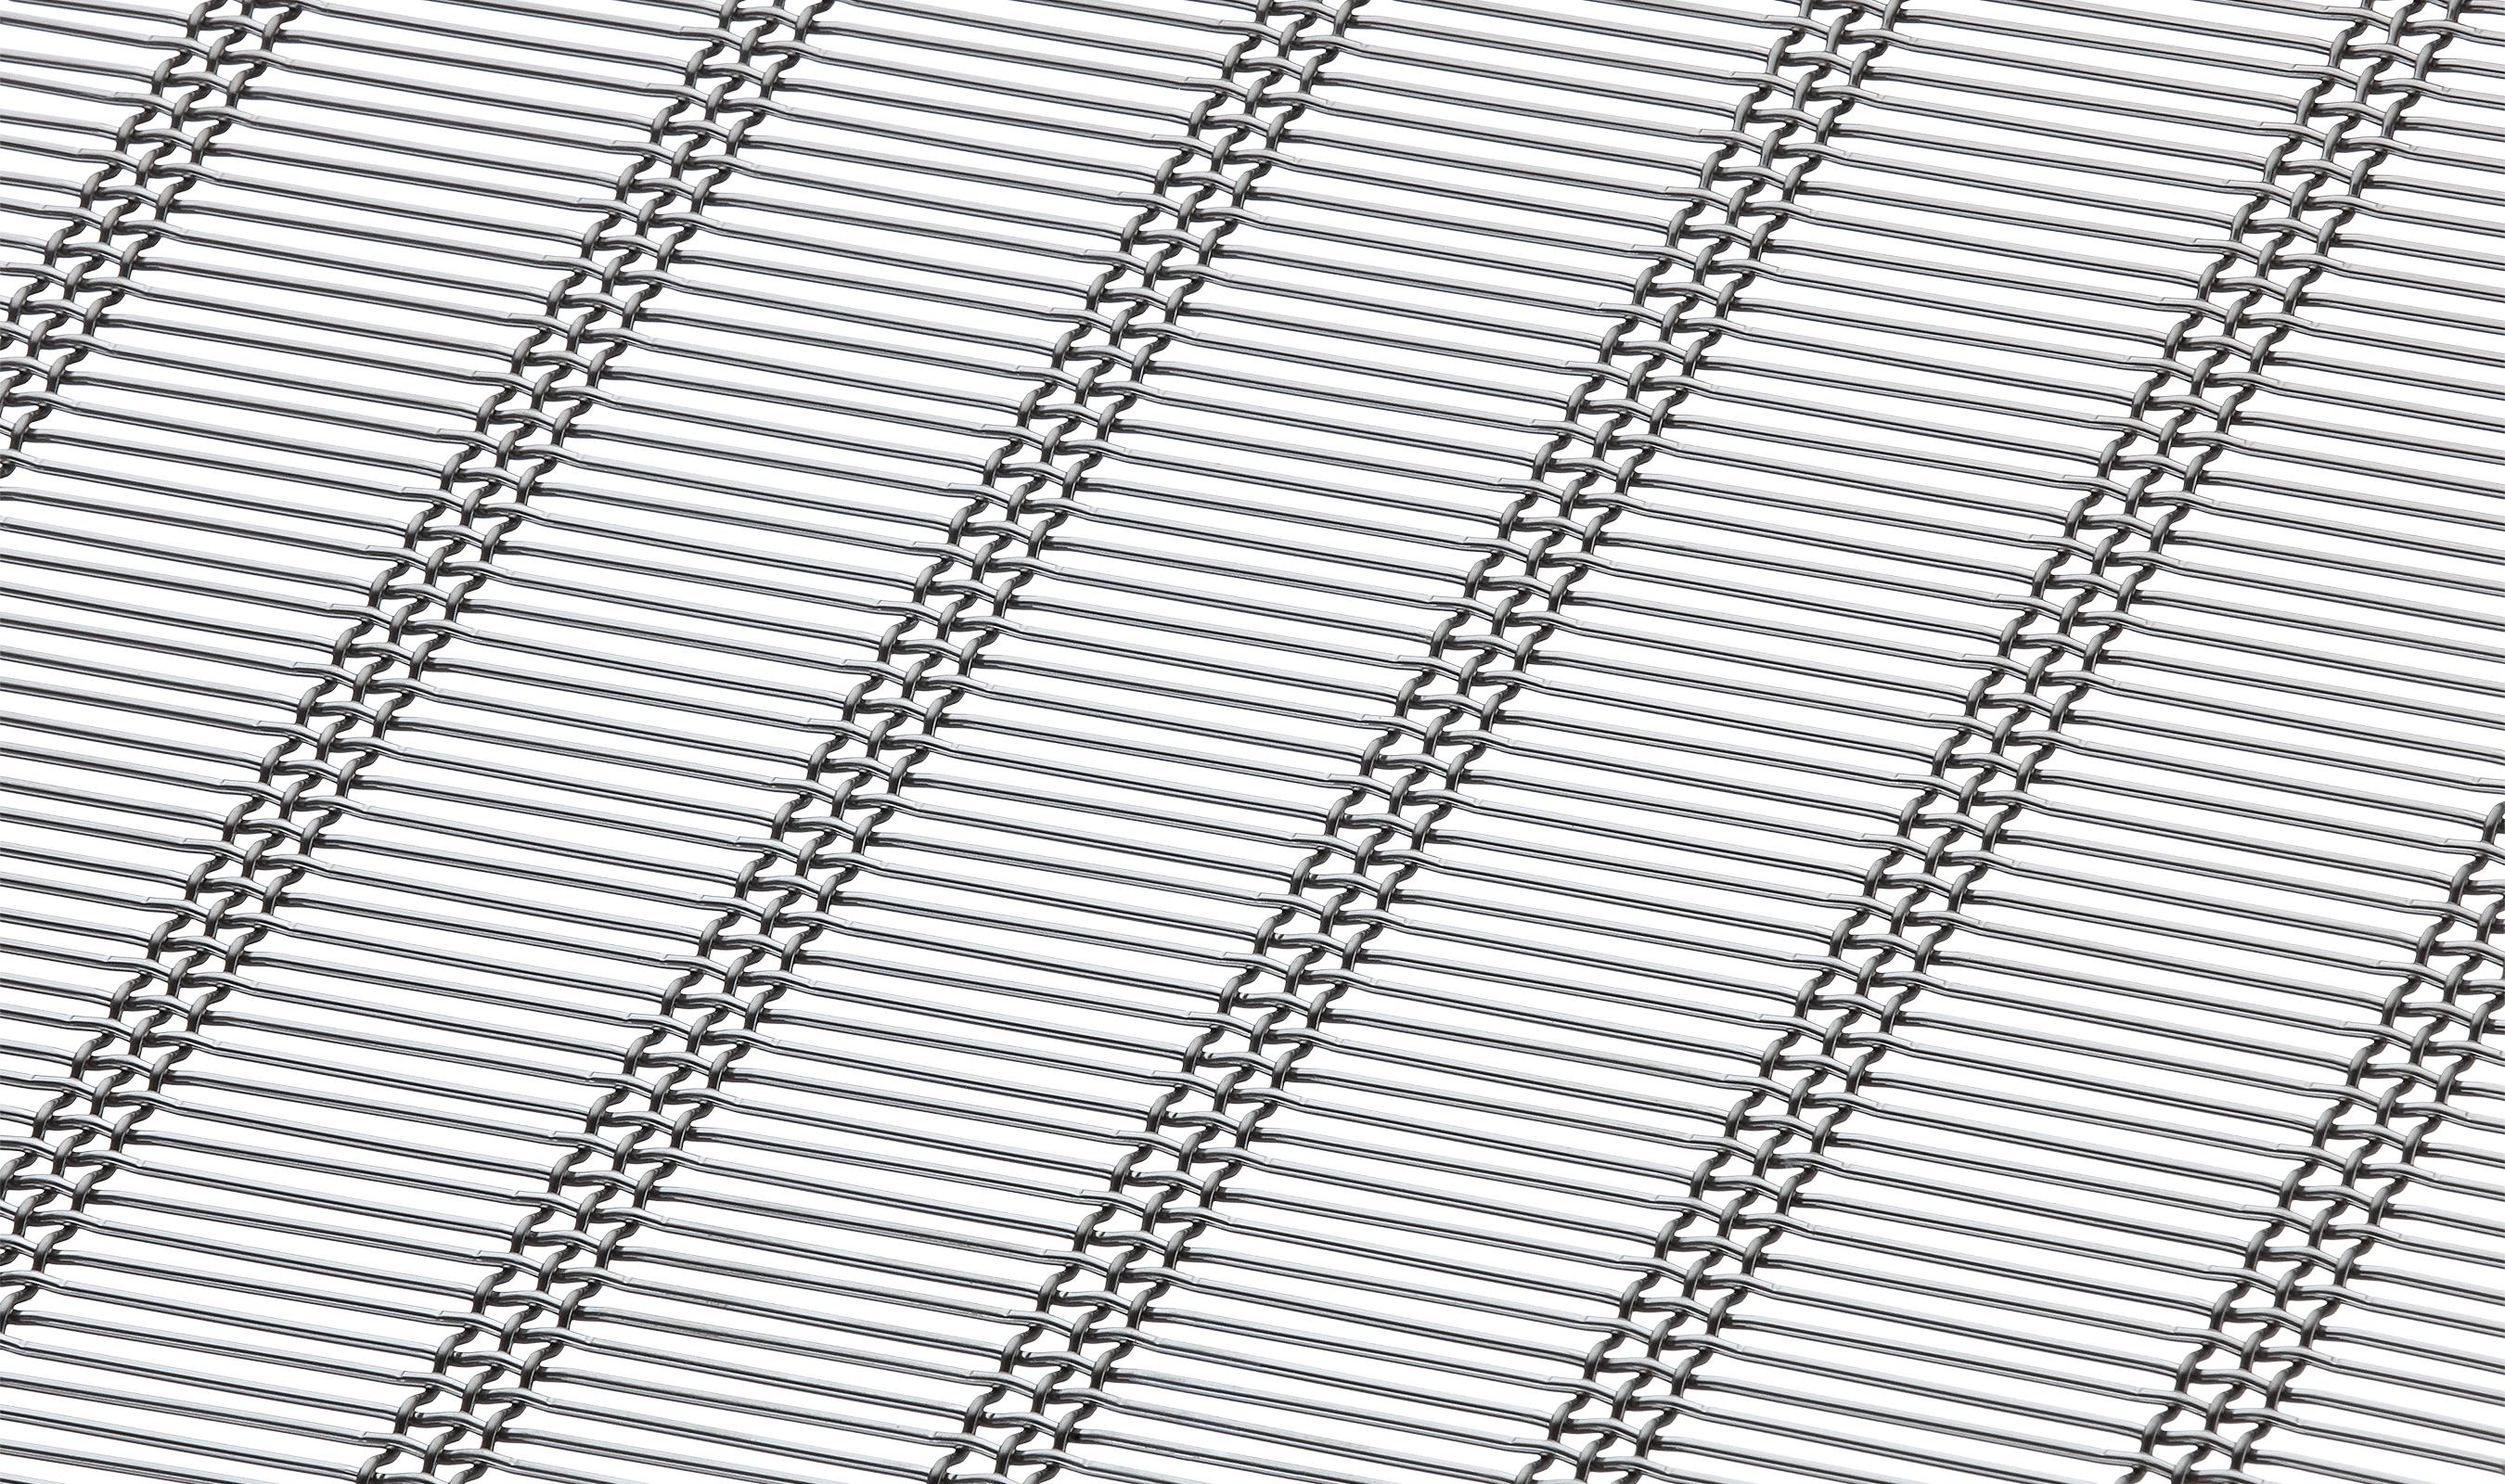 M13Z-339 triple shute wire mesh pattern in stainless steel